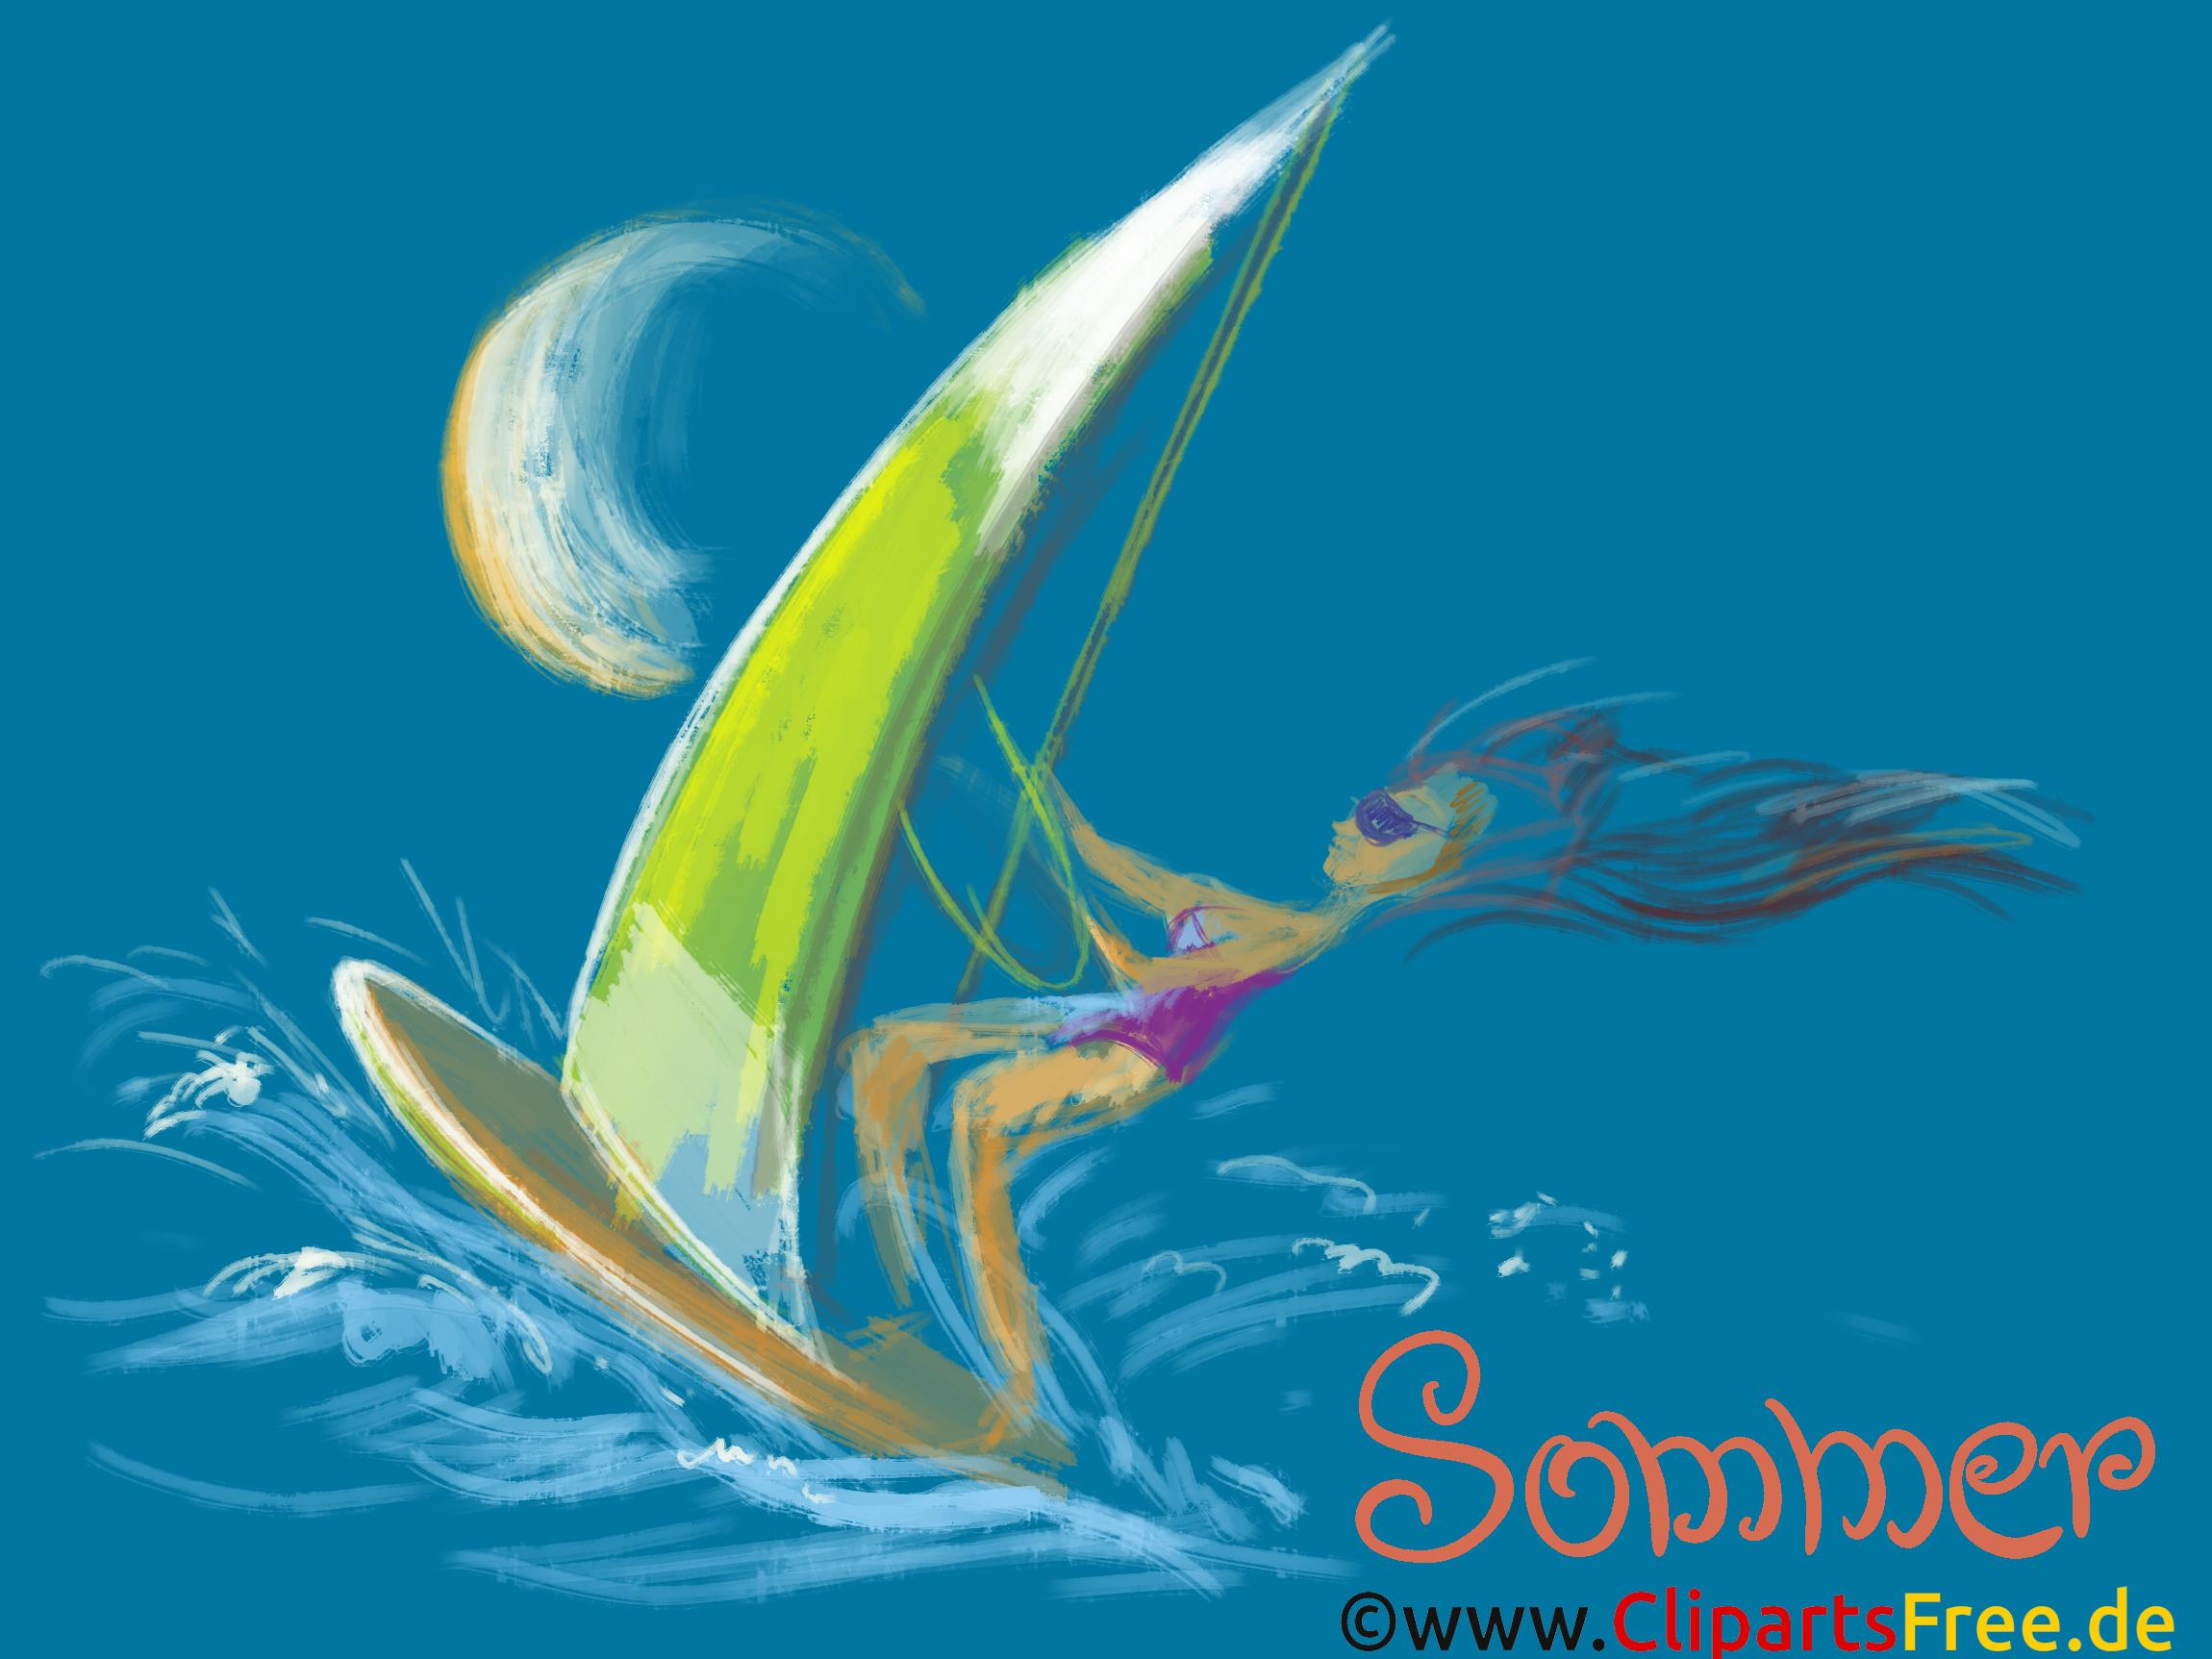 Surf fonds d'écran dessin gratuit